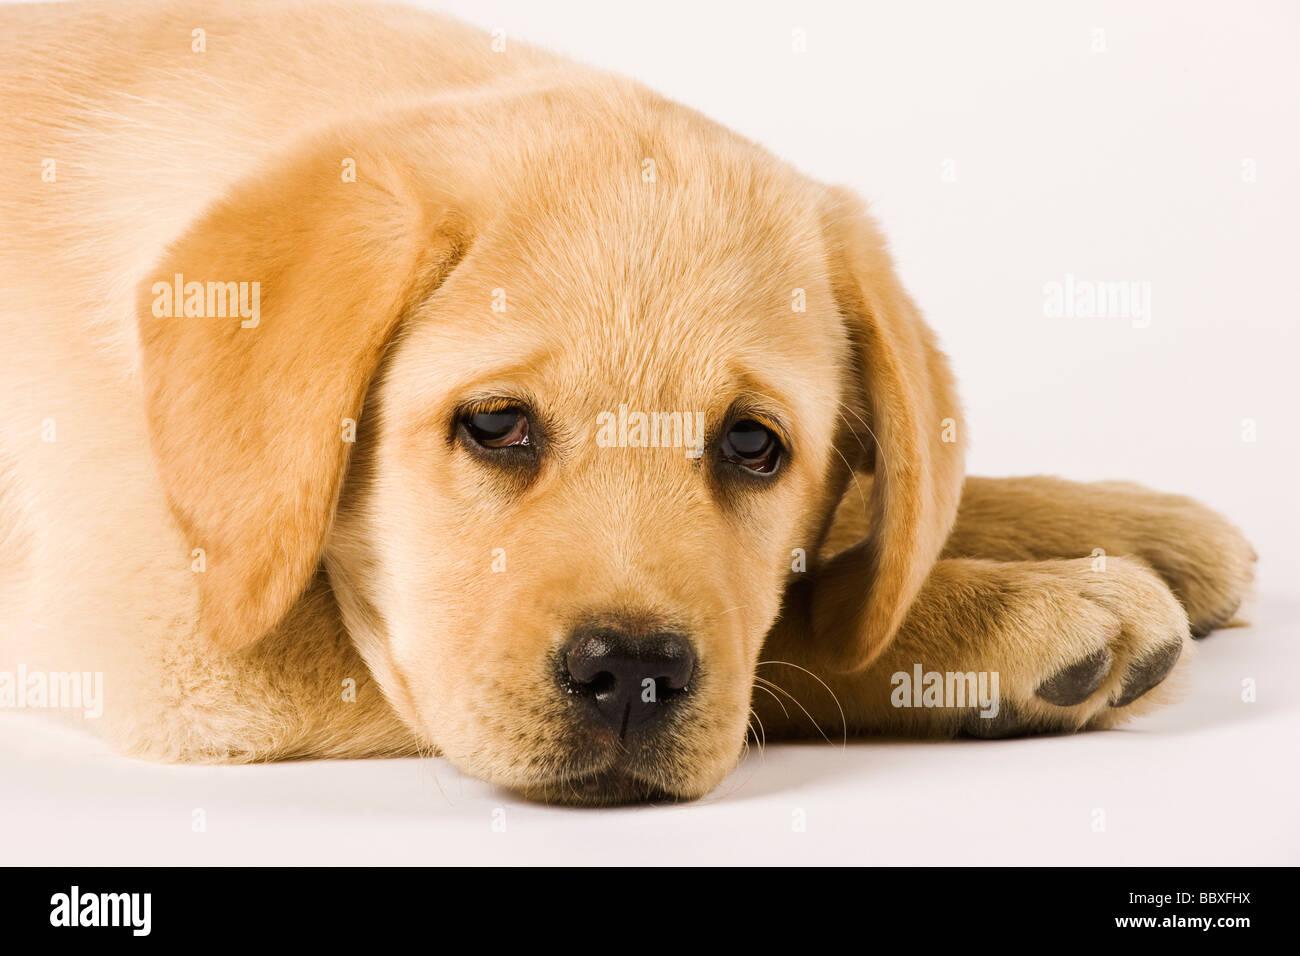 Chiot Golden Retriever du Labrador Canis familiaris Close up portrait of Labrador chiens de travail populaires Photo Stock